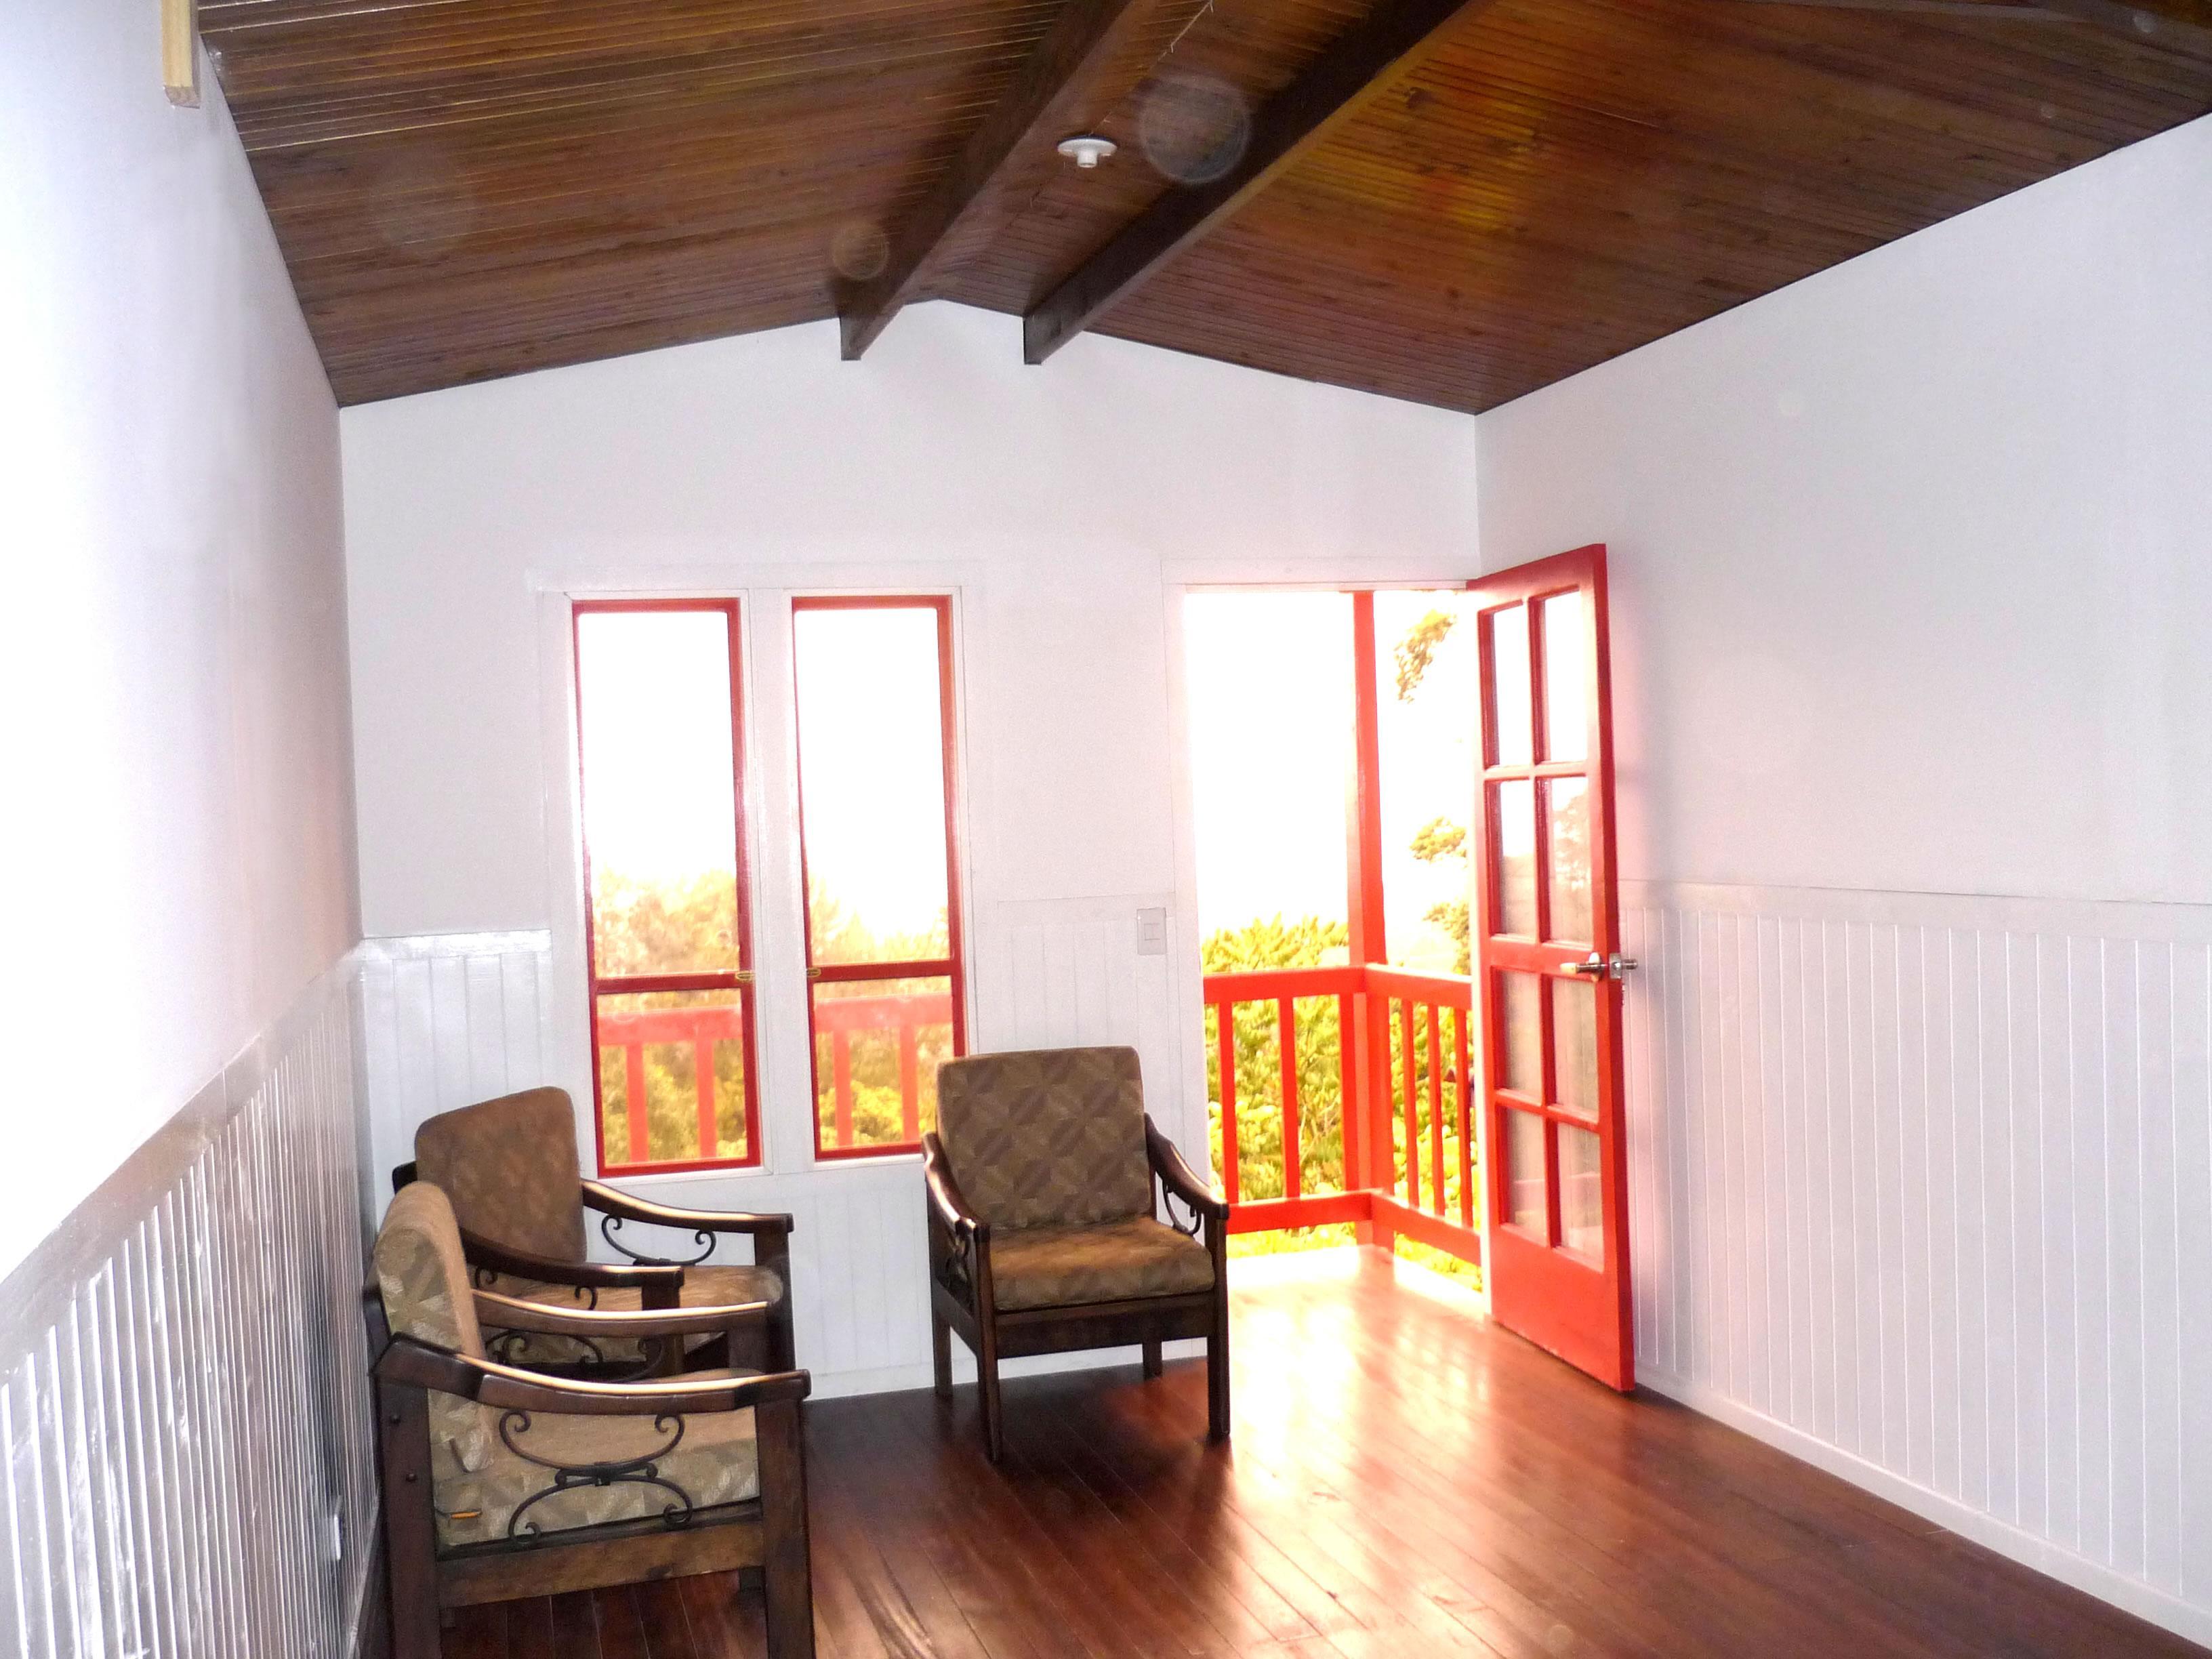 Hacemos casas prefabricadas de madera y prefabricadas de concreto baj - Casas de madera y cemento ...